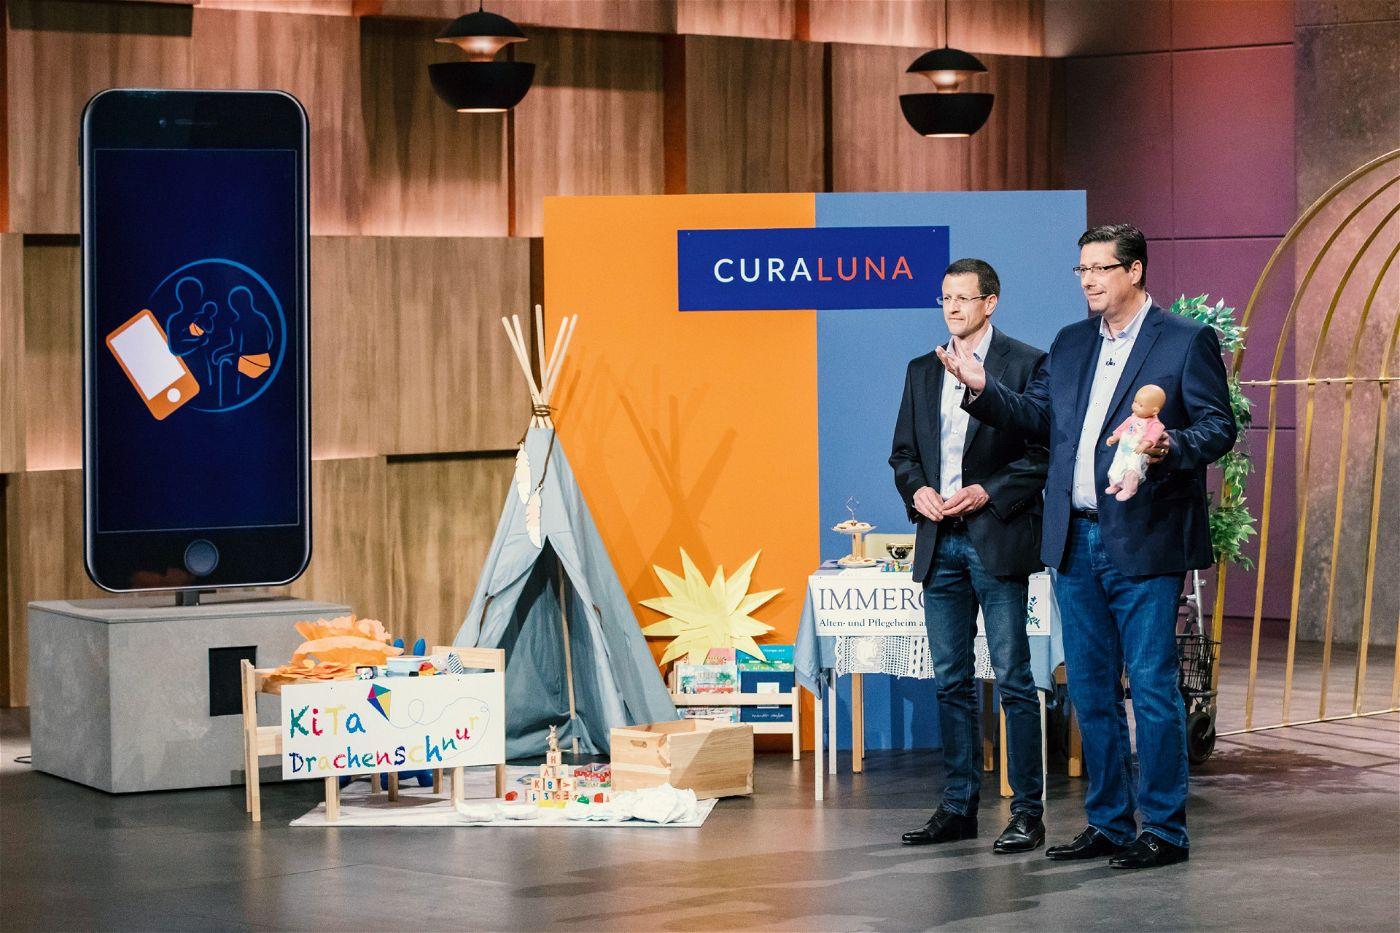 """<p><b>Die Gründer und ihr Produkt</b>: Frank Steinmetz (53) und Christoph Hohl (46) stellen den """"Löwen"""" ihren Windelsensor """"Curaluna"""" vor, einem Sensor, der bei Babys und alten, pflegebedürftigen Menschen meldet, wenn die Windel gewechselt werden muss. <p><b>Der Wunsch</b>: 600.000 Euro für einen Firmenanteil von zehn Prozent.</p> <p><b>Der Deal</b>: Carsten Maschmeyer bietet 50.000 als Soforthilfe. Wenn das Patent erteilt wird, sollen daraus 600.000 Euro für 25,1 Prozent werden. Doch der Deal platzt im Nachhinein, weil die Gründer die Bedingungen nicht einhalten können.</p>"""